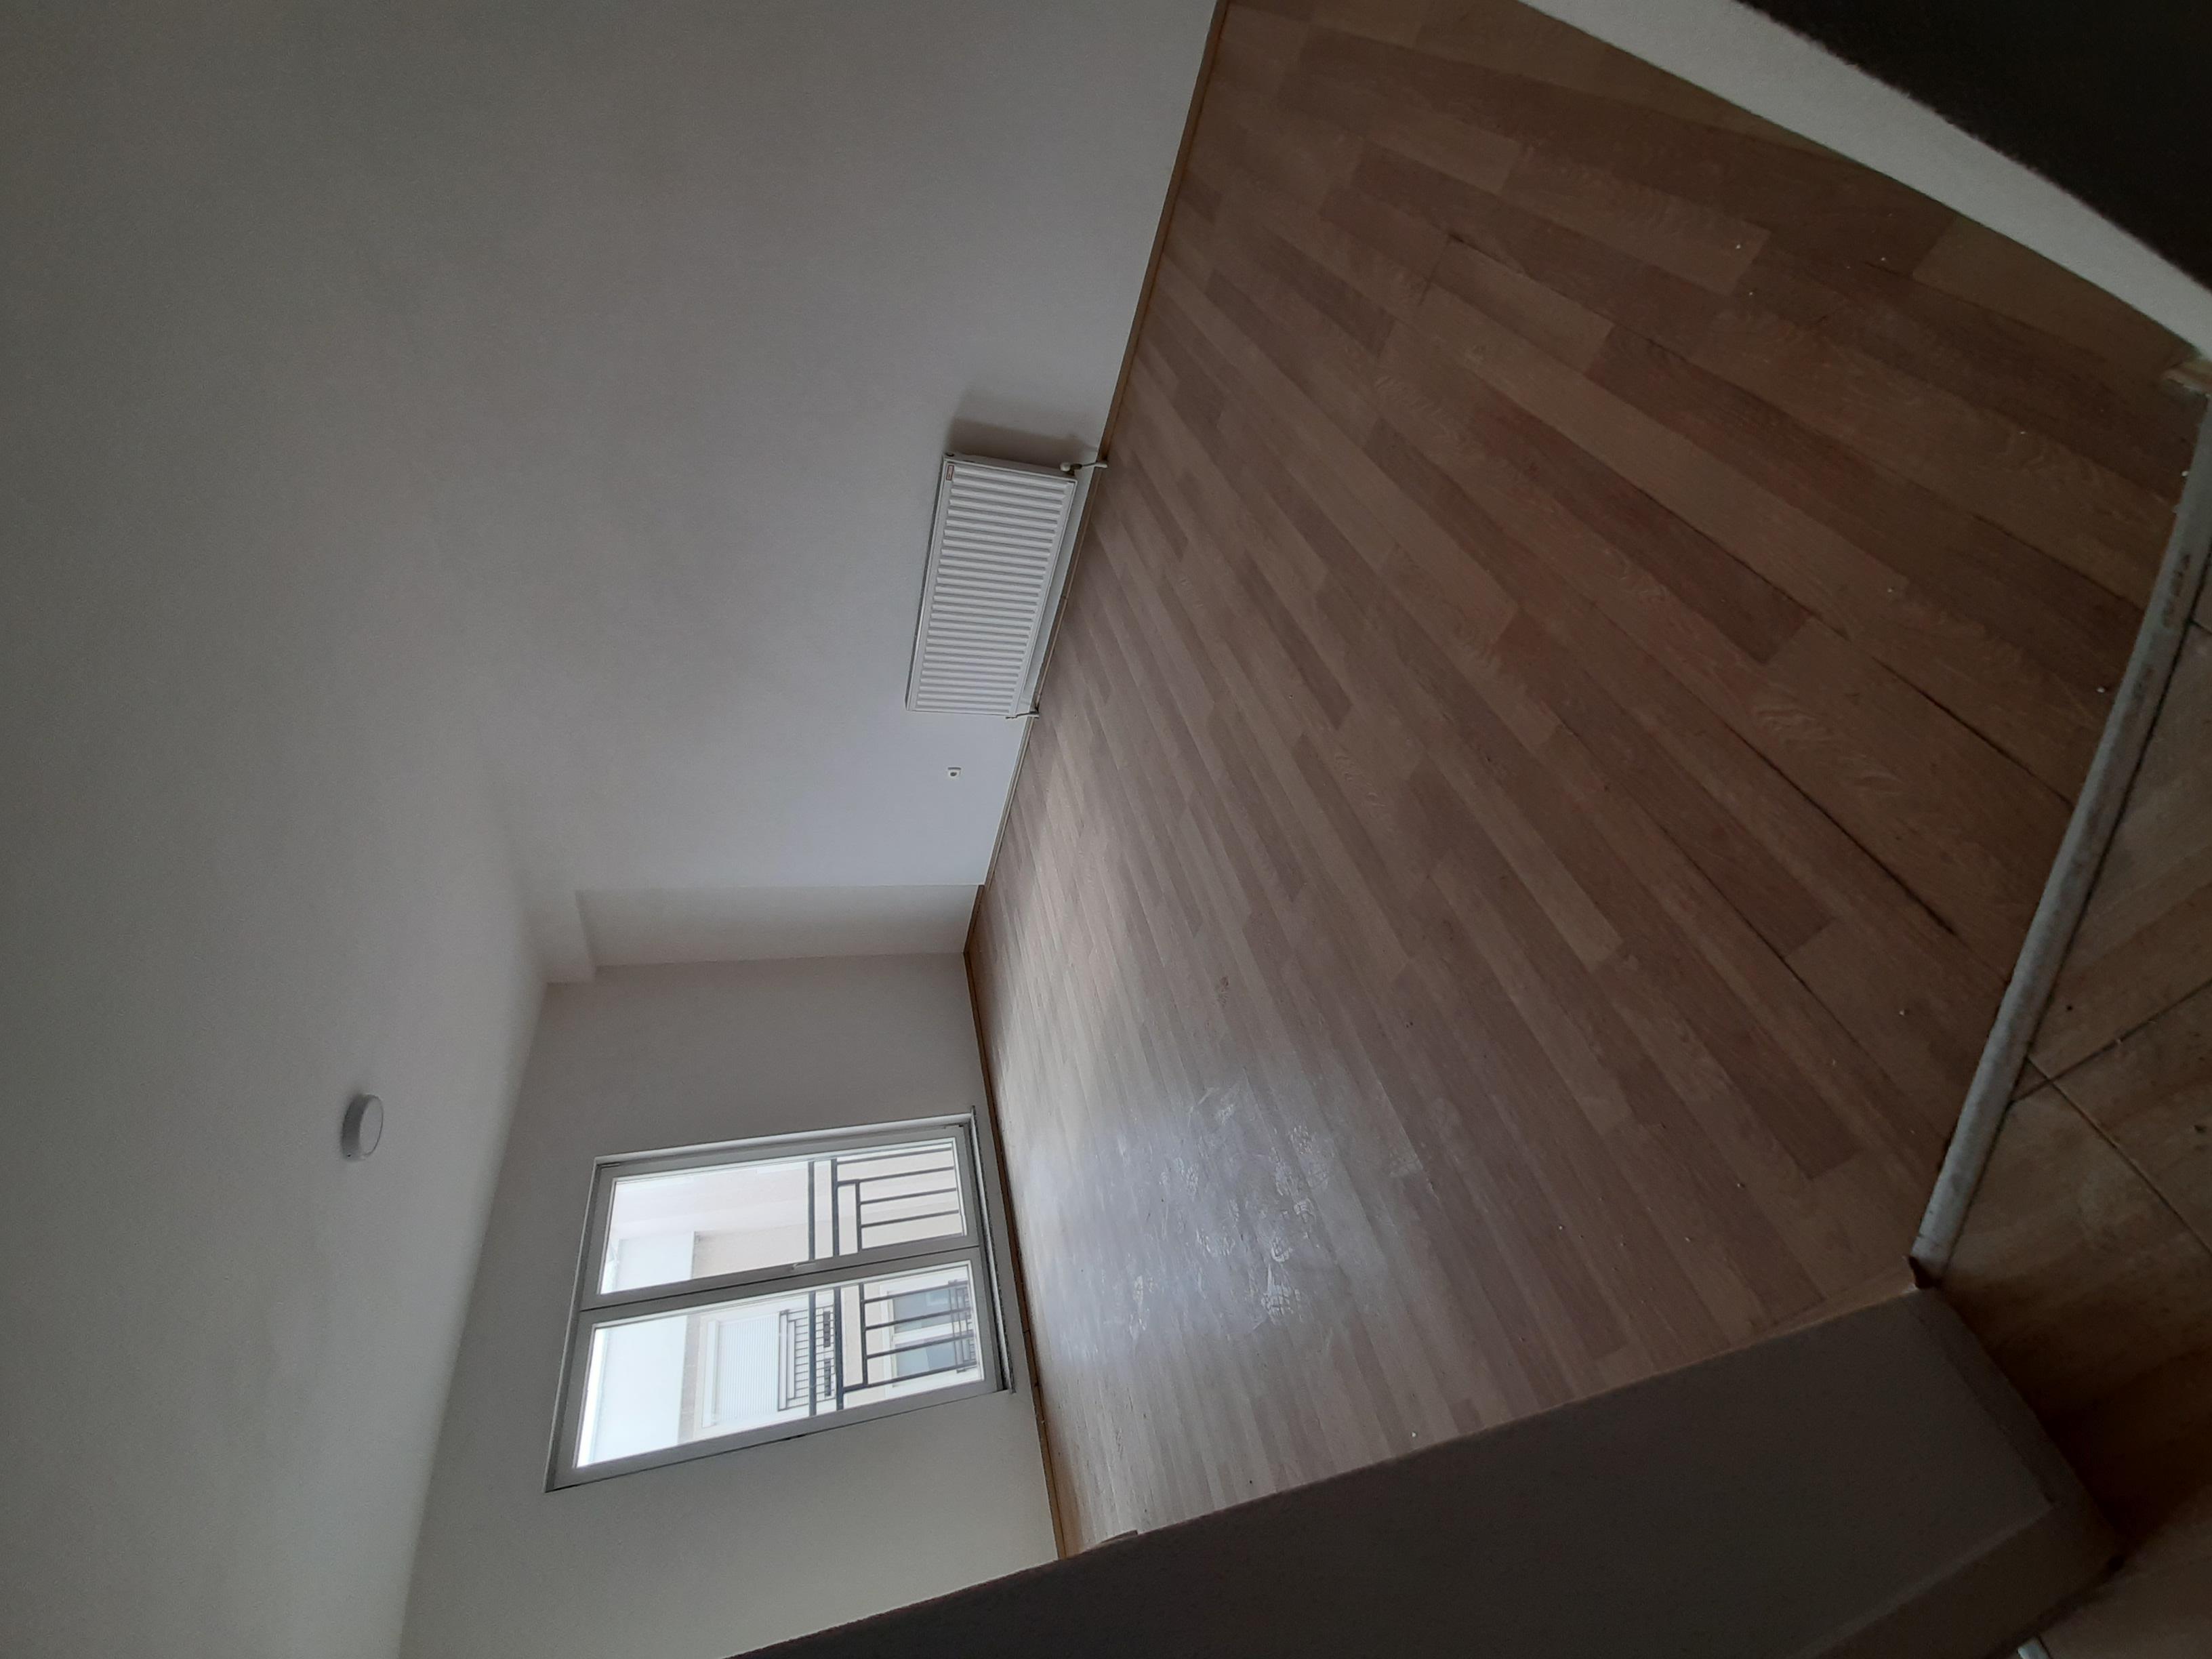 Shitet banesa 2 dhomshe 54m2 kati 6 Fushë Kosovë